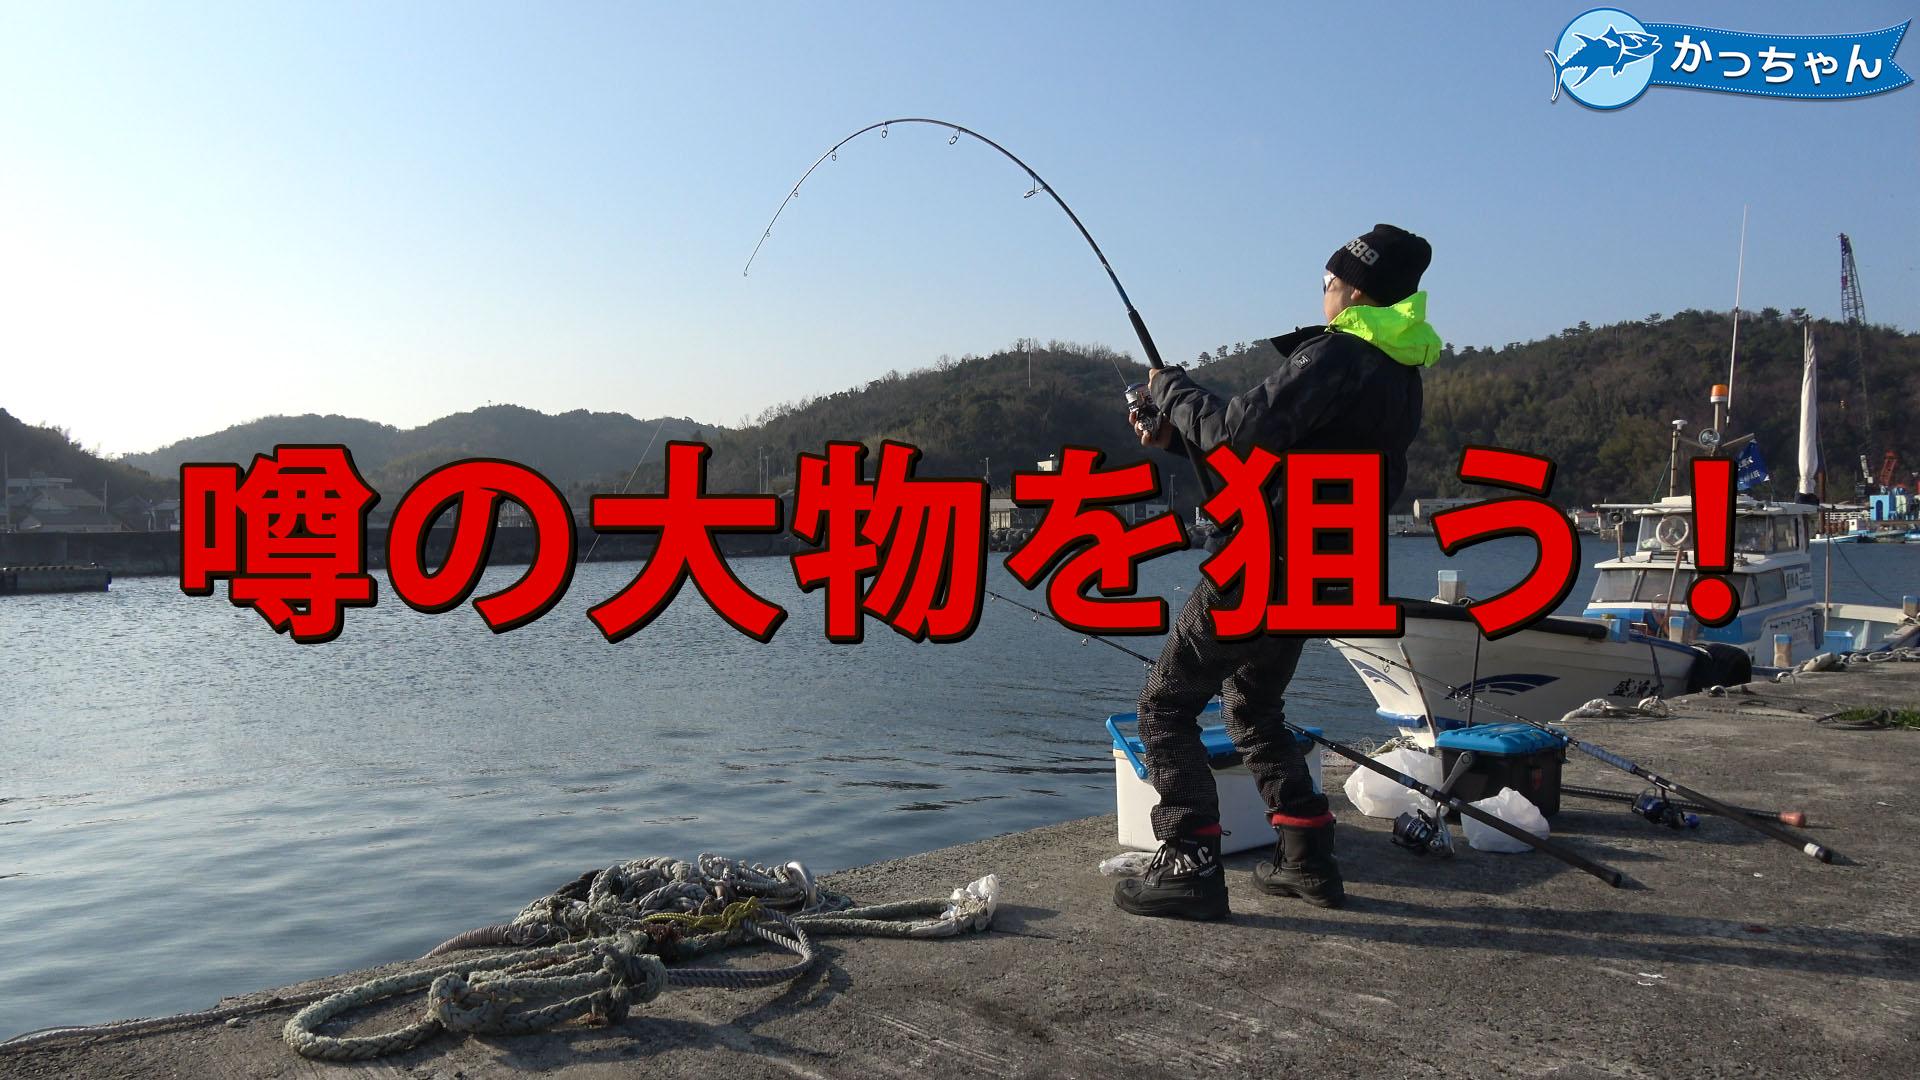 【衝撃】堤防でエビを落とすと釣れるという噂の大物を狙う